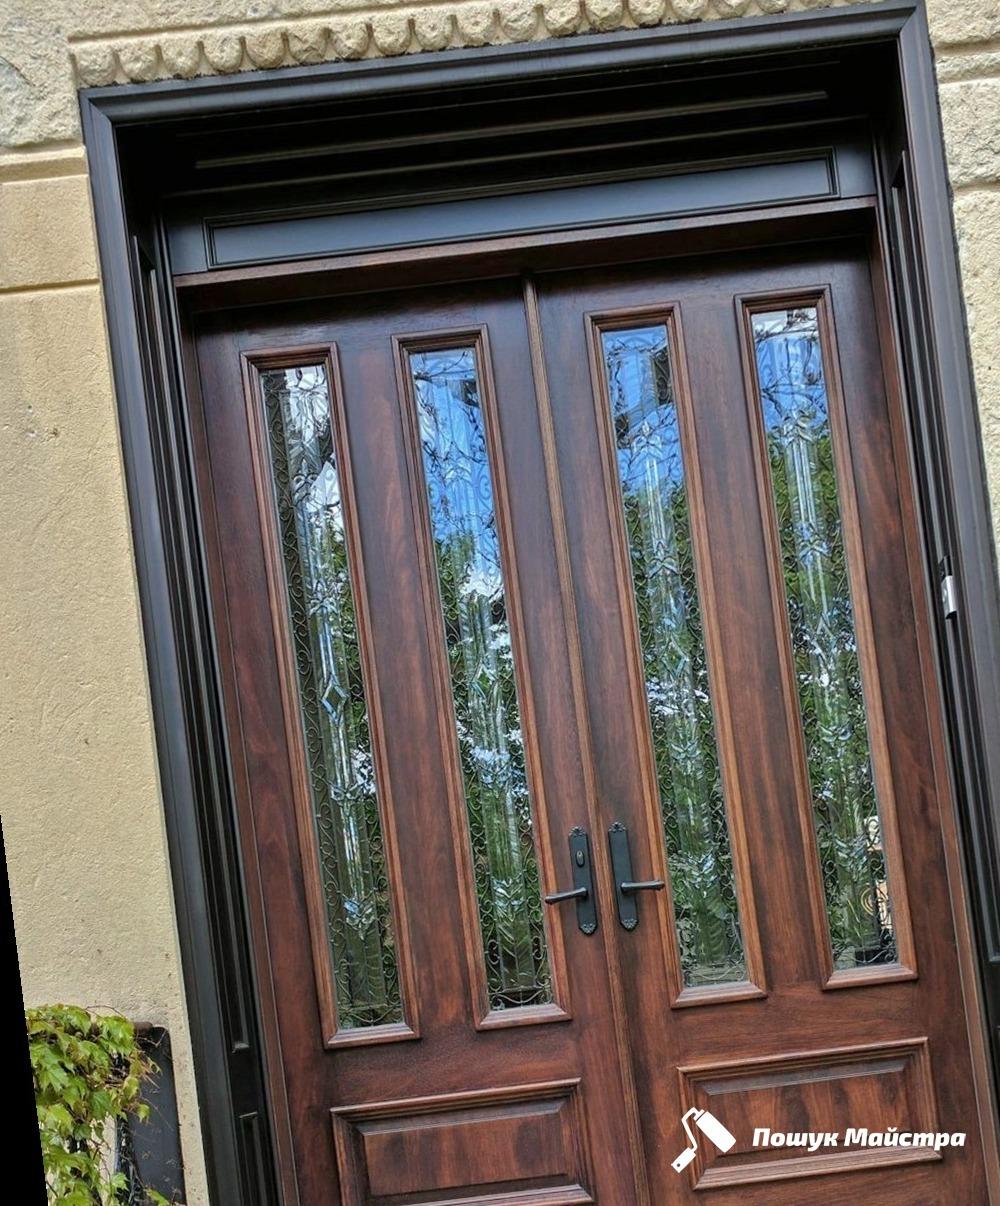 Двері на замовлення у Львові, ціна і особливості послуги